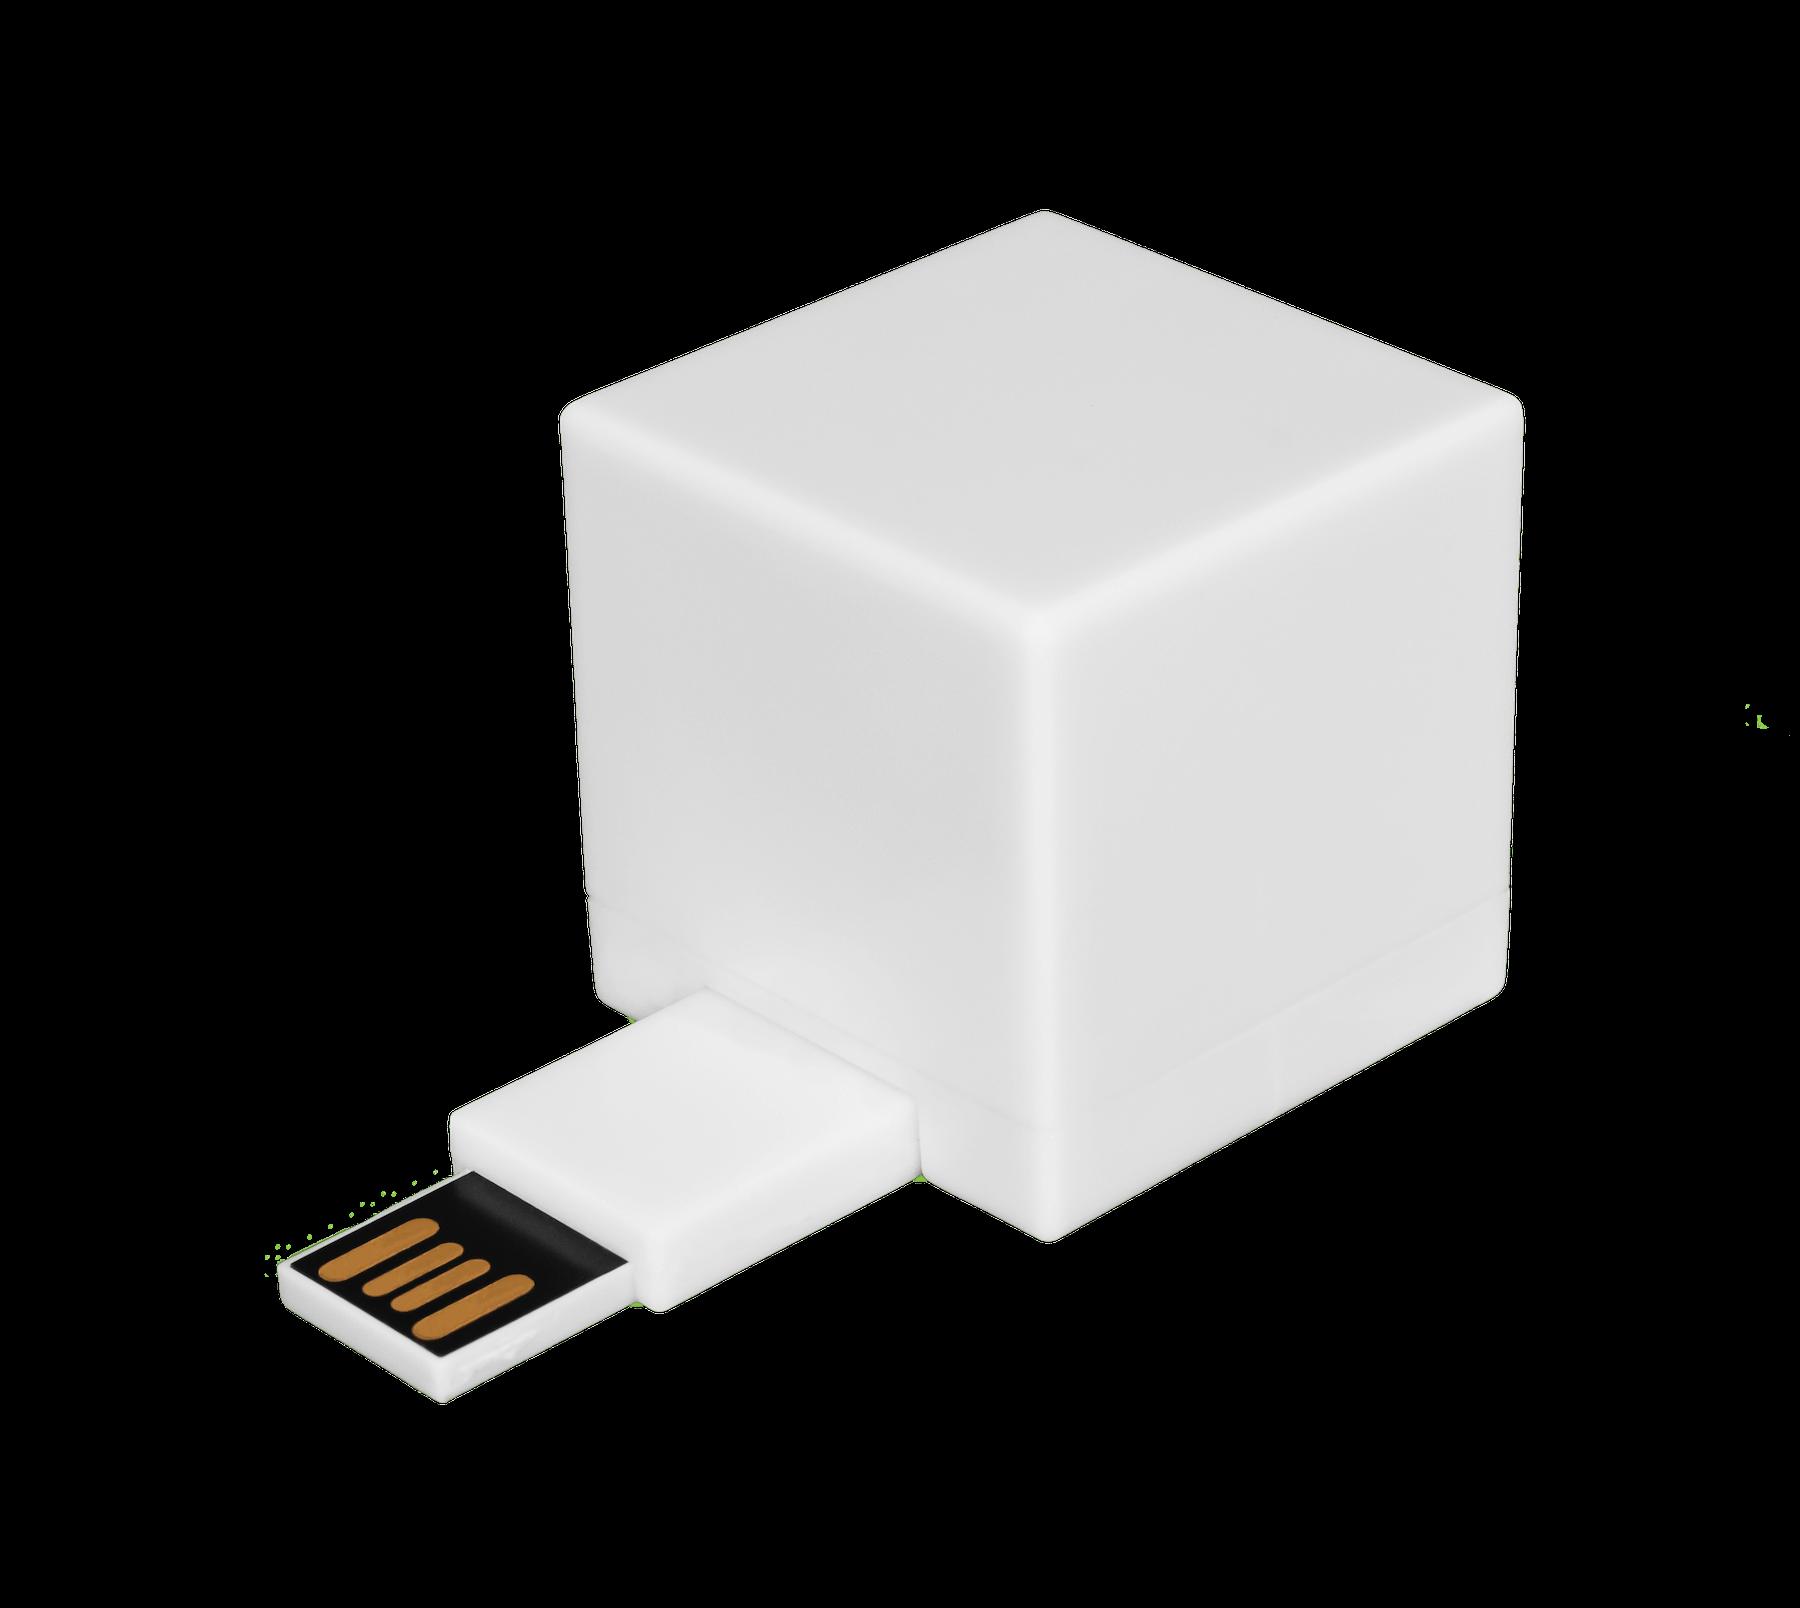 large cube icon